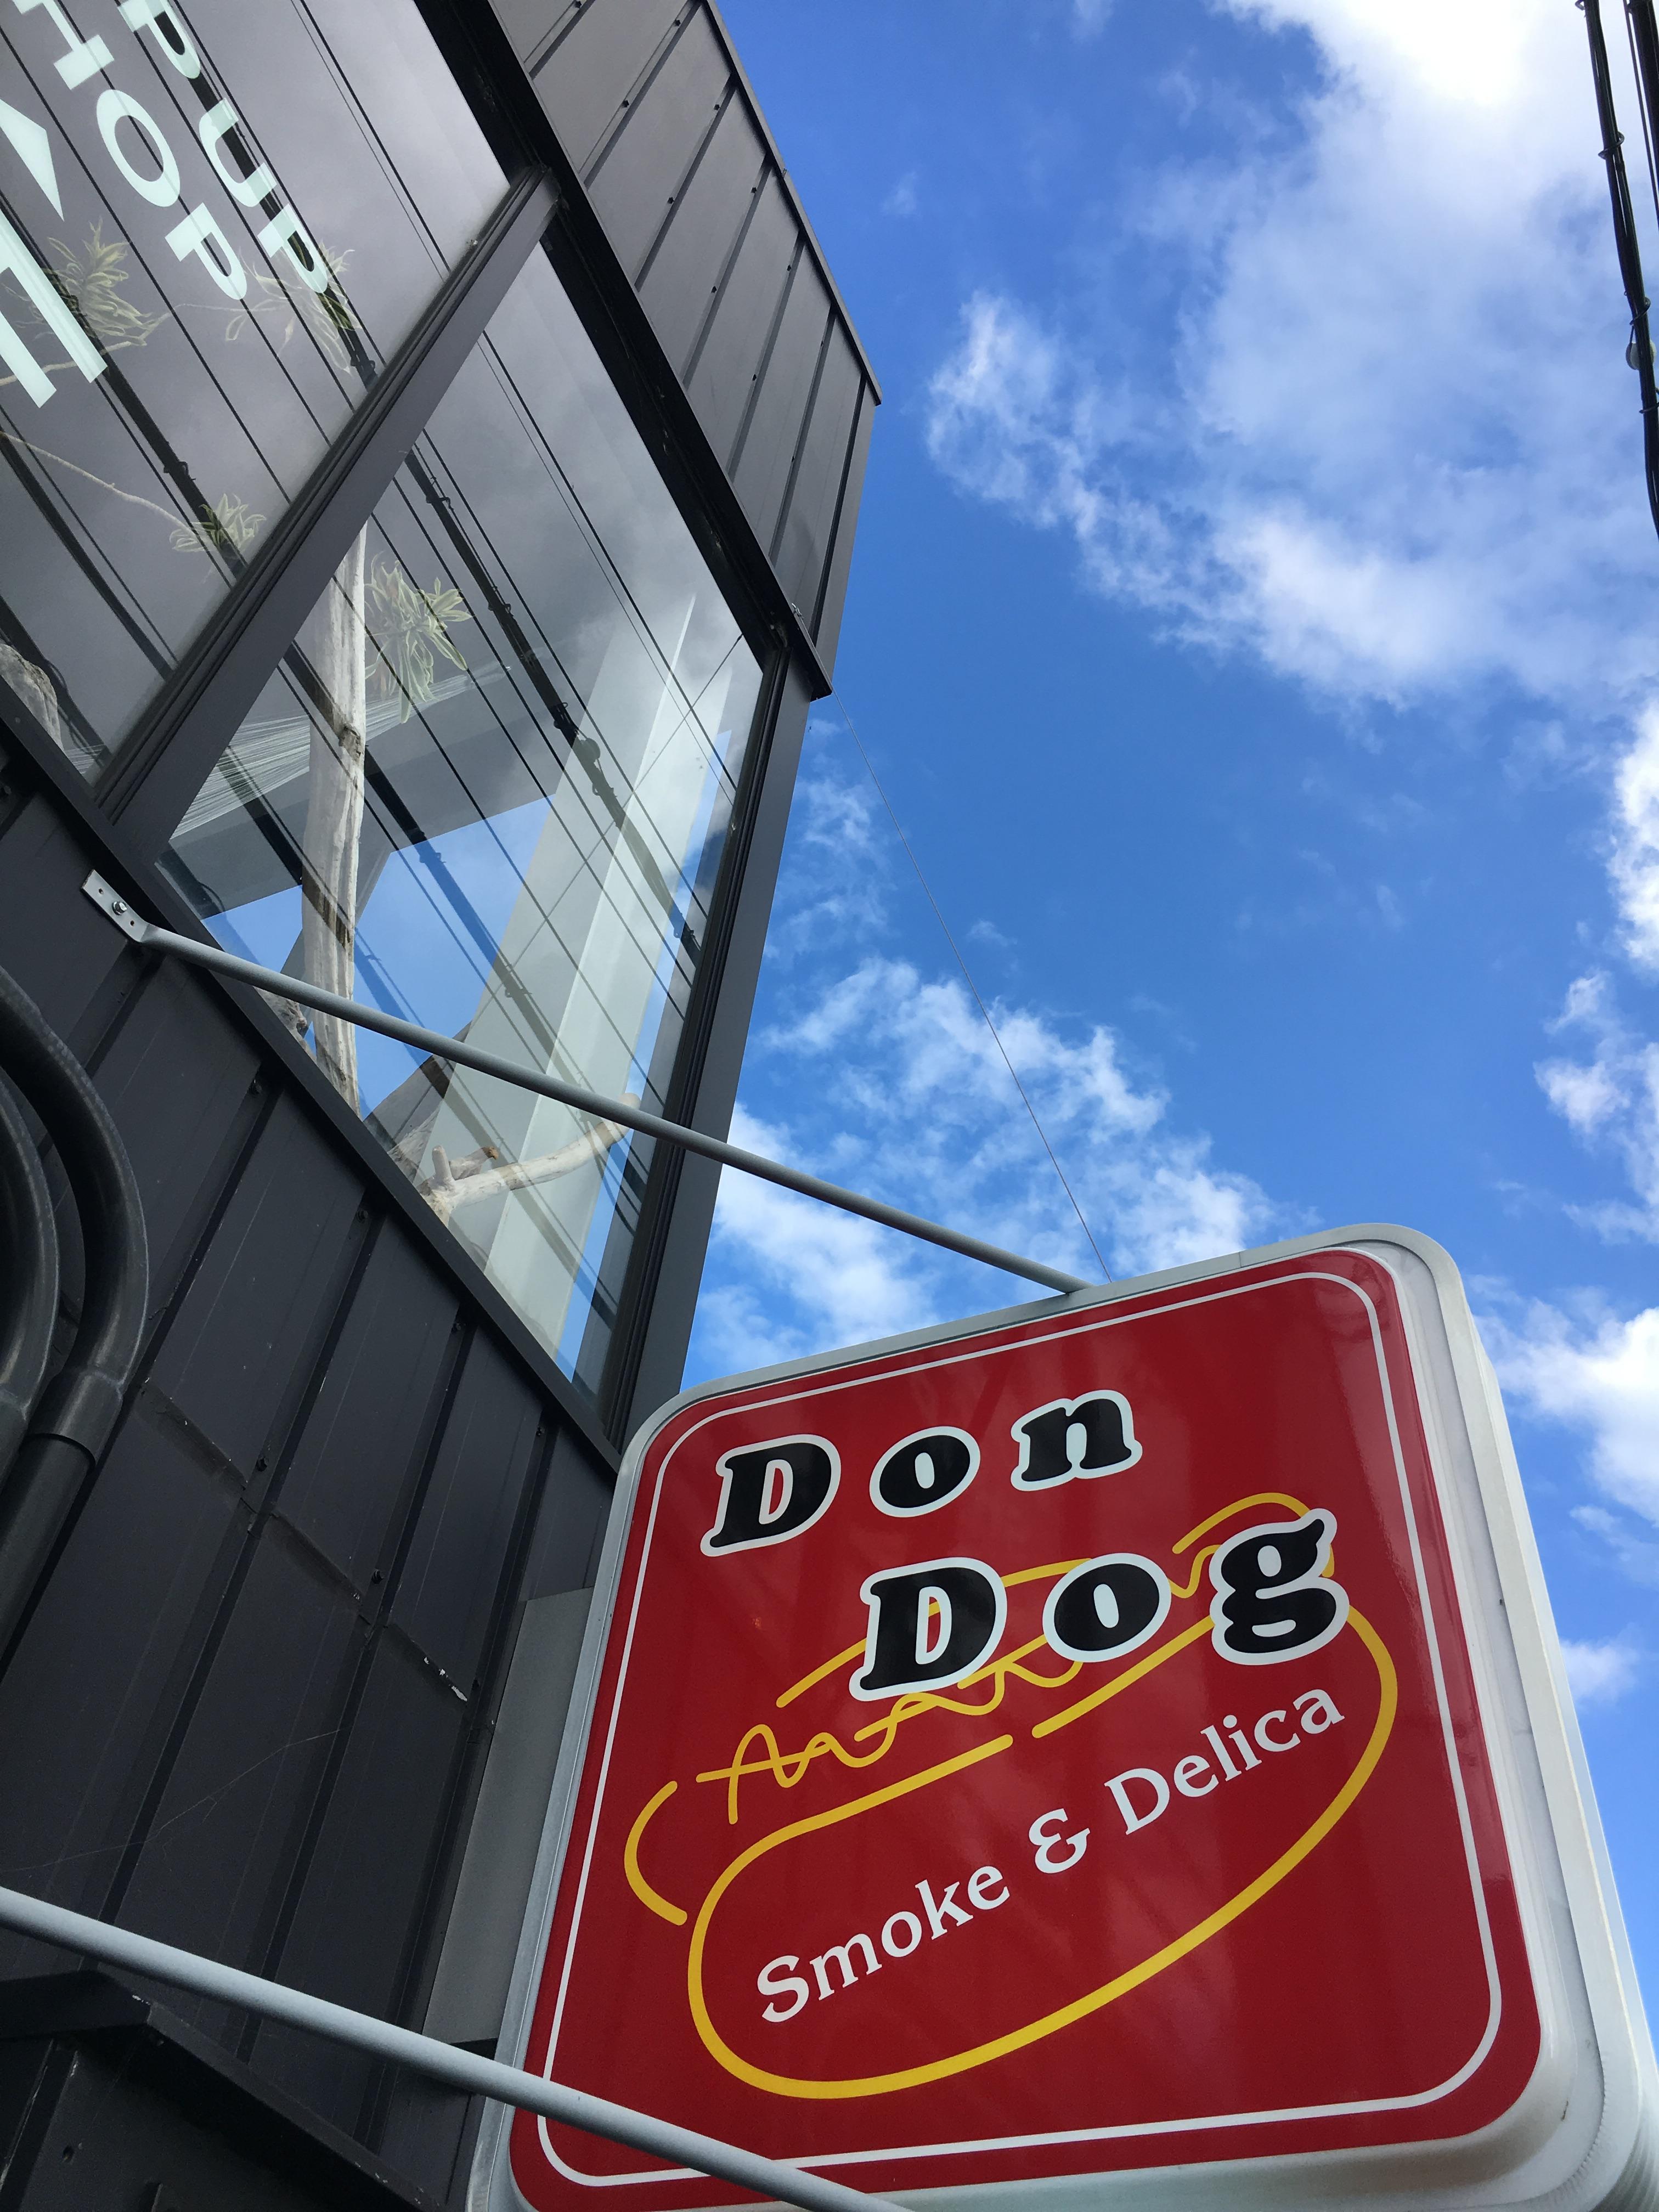 Smoke&Delica DonDogメイン画像